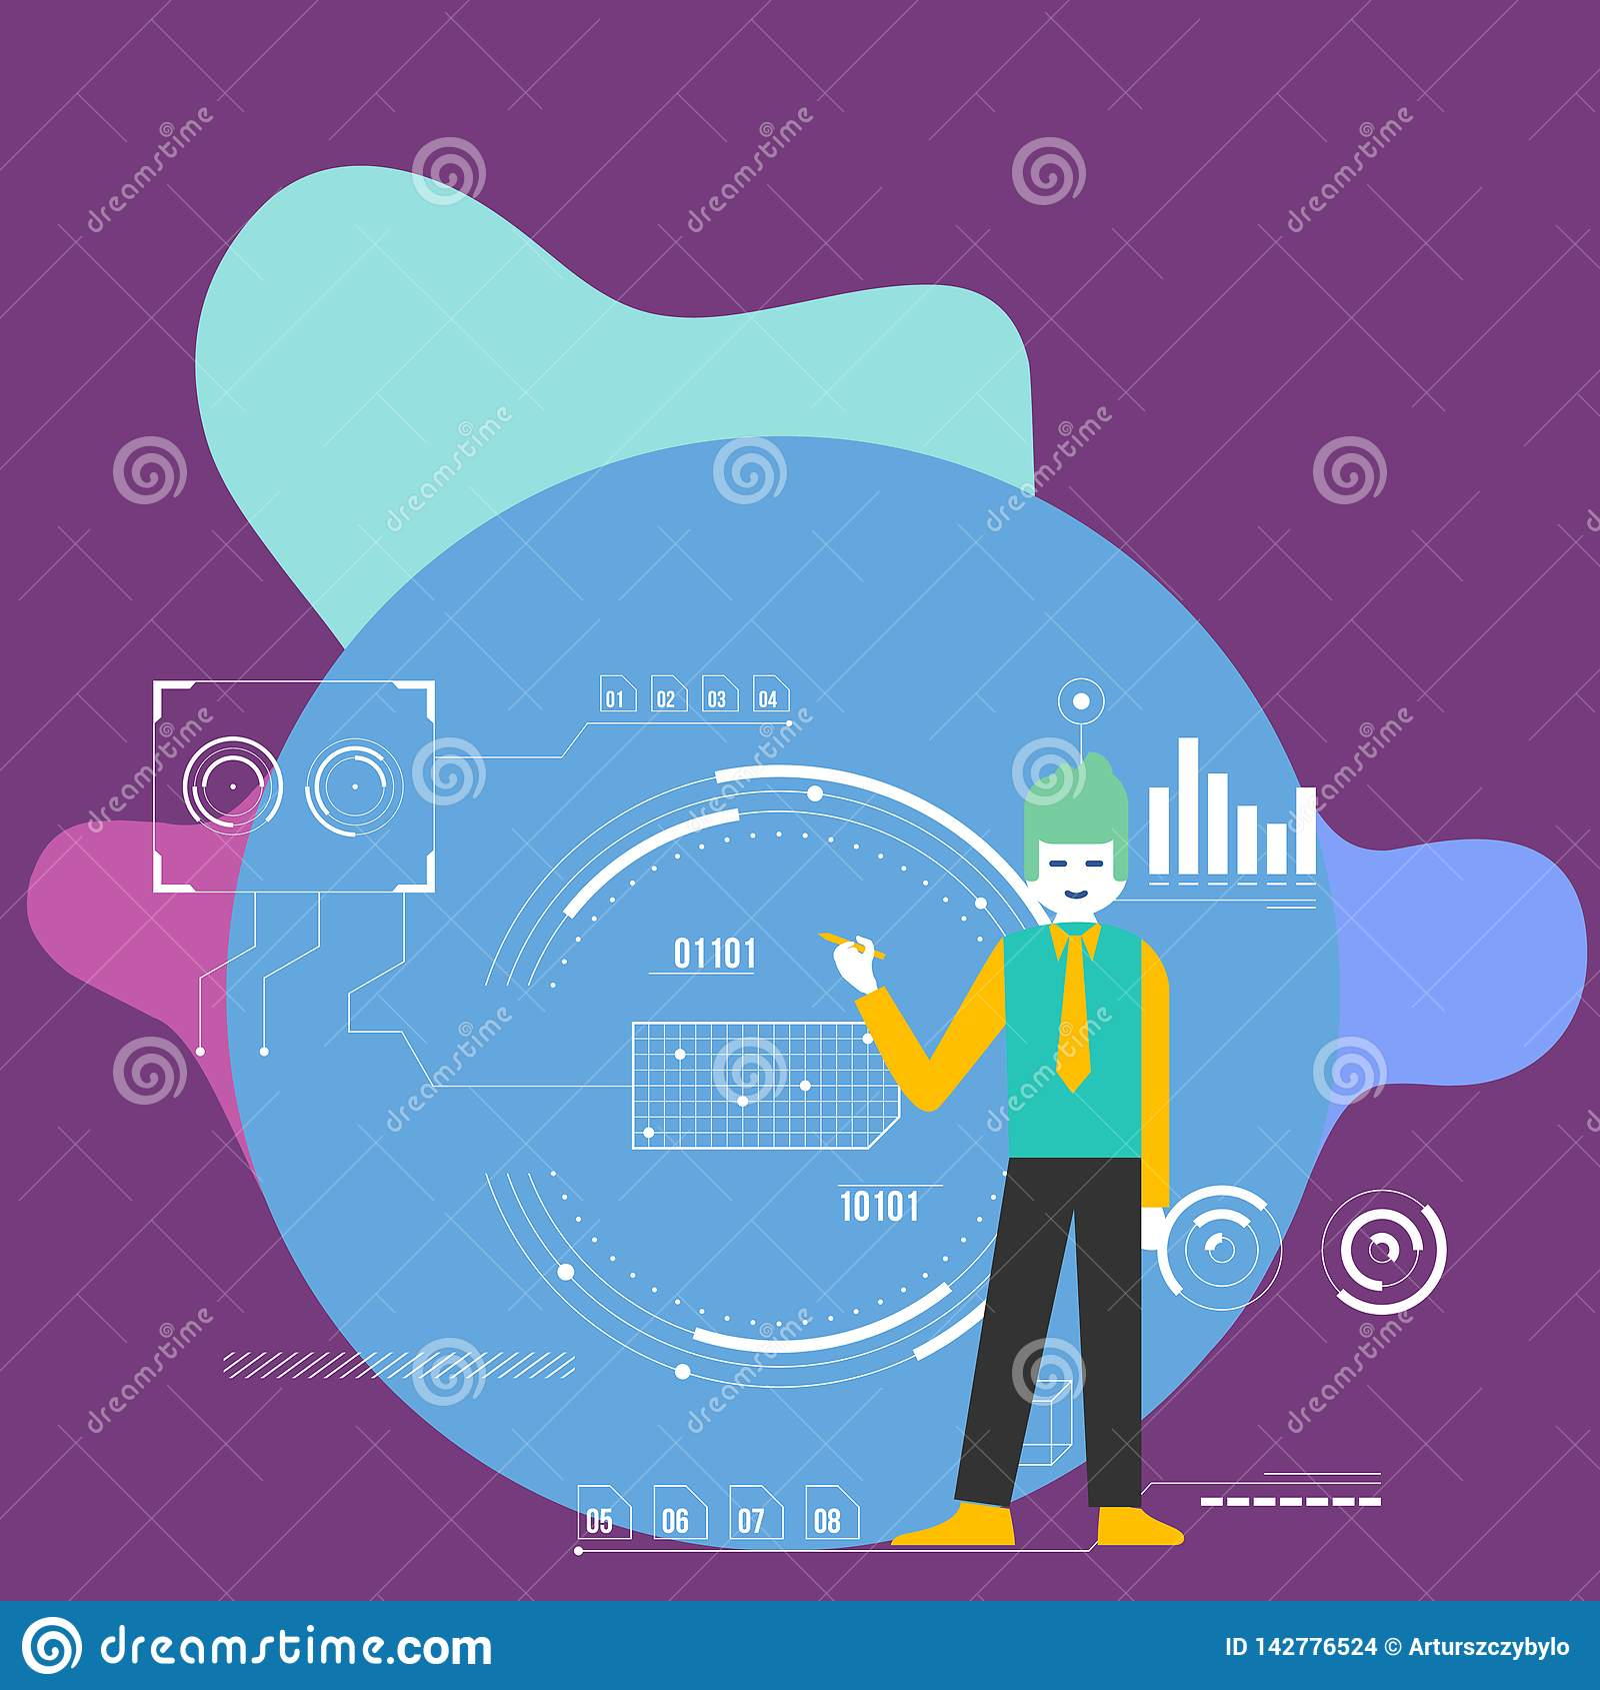 Pena guardando ereta do homem e apontar ao diagrama de carta O fundo é enchido com os ícones de SEO Process e do ciclo creativo